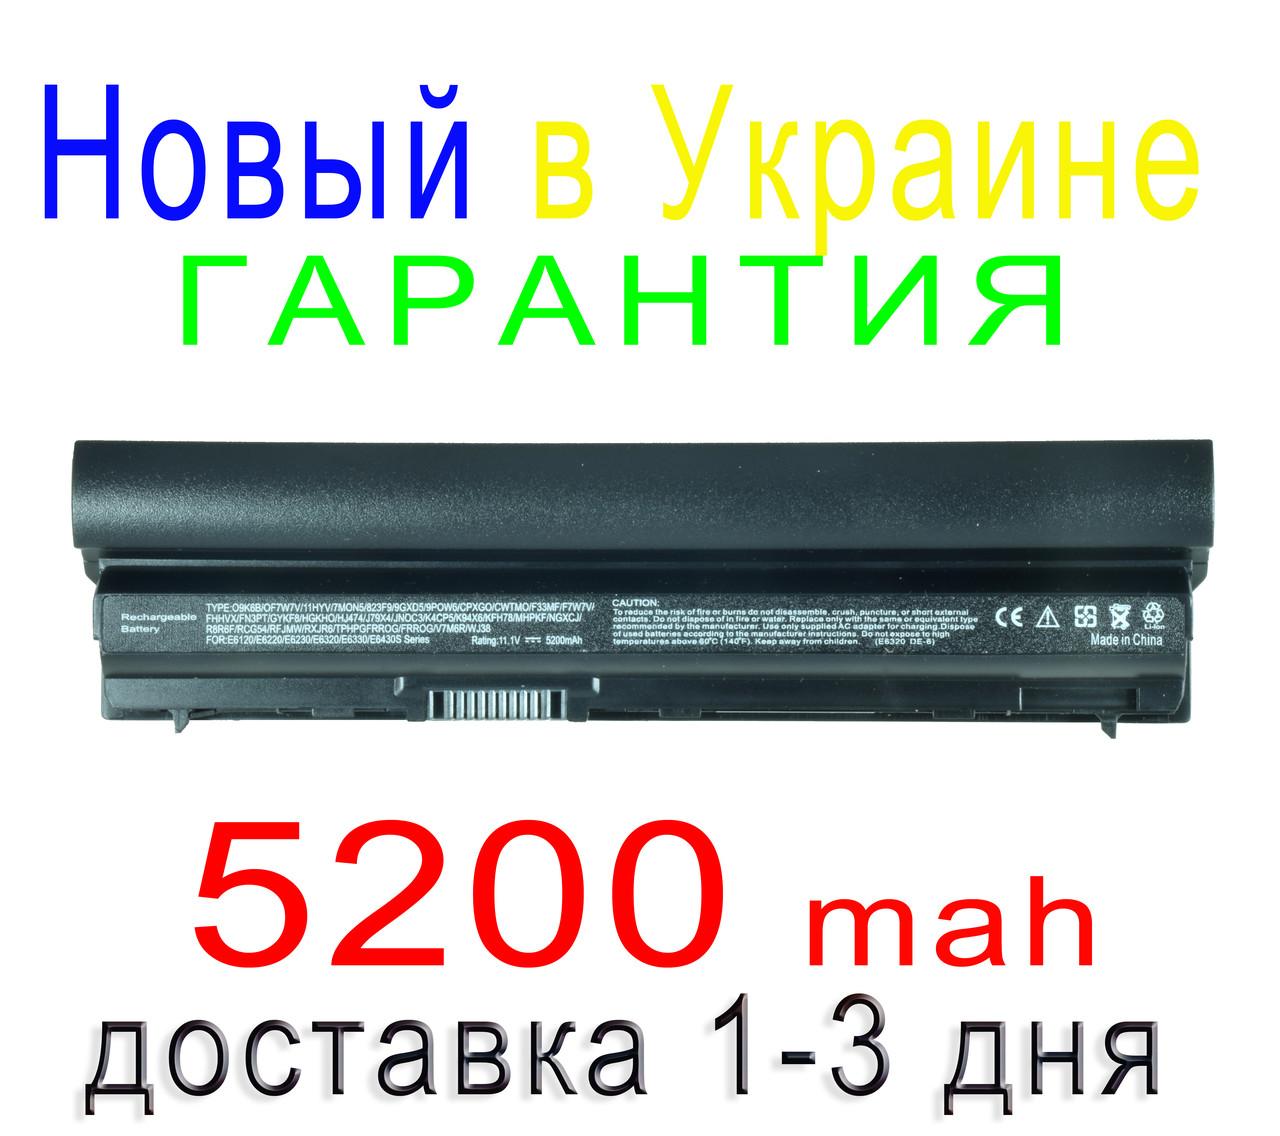 Аккумулятор батарея DELL 09K6P 0F7W7V 11HYV 7M0N5 823F9 9GXD5 9P0W6 CPXG0 CWTM0 F33MF